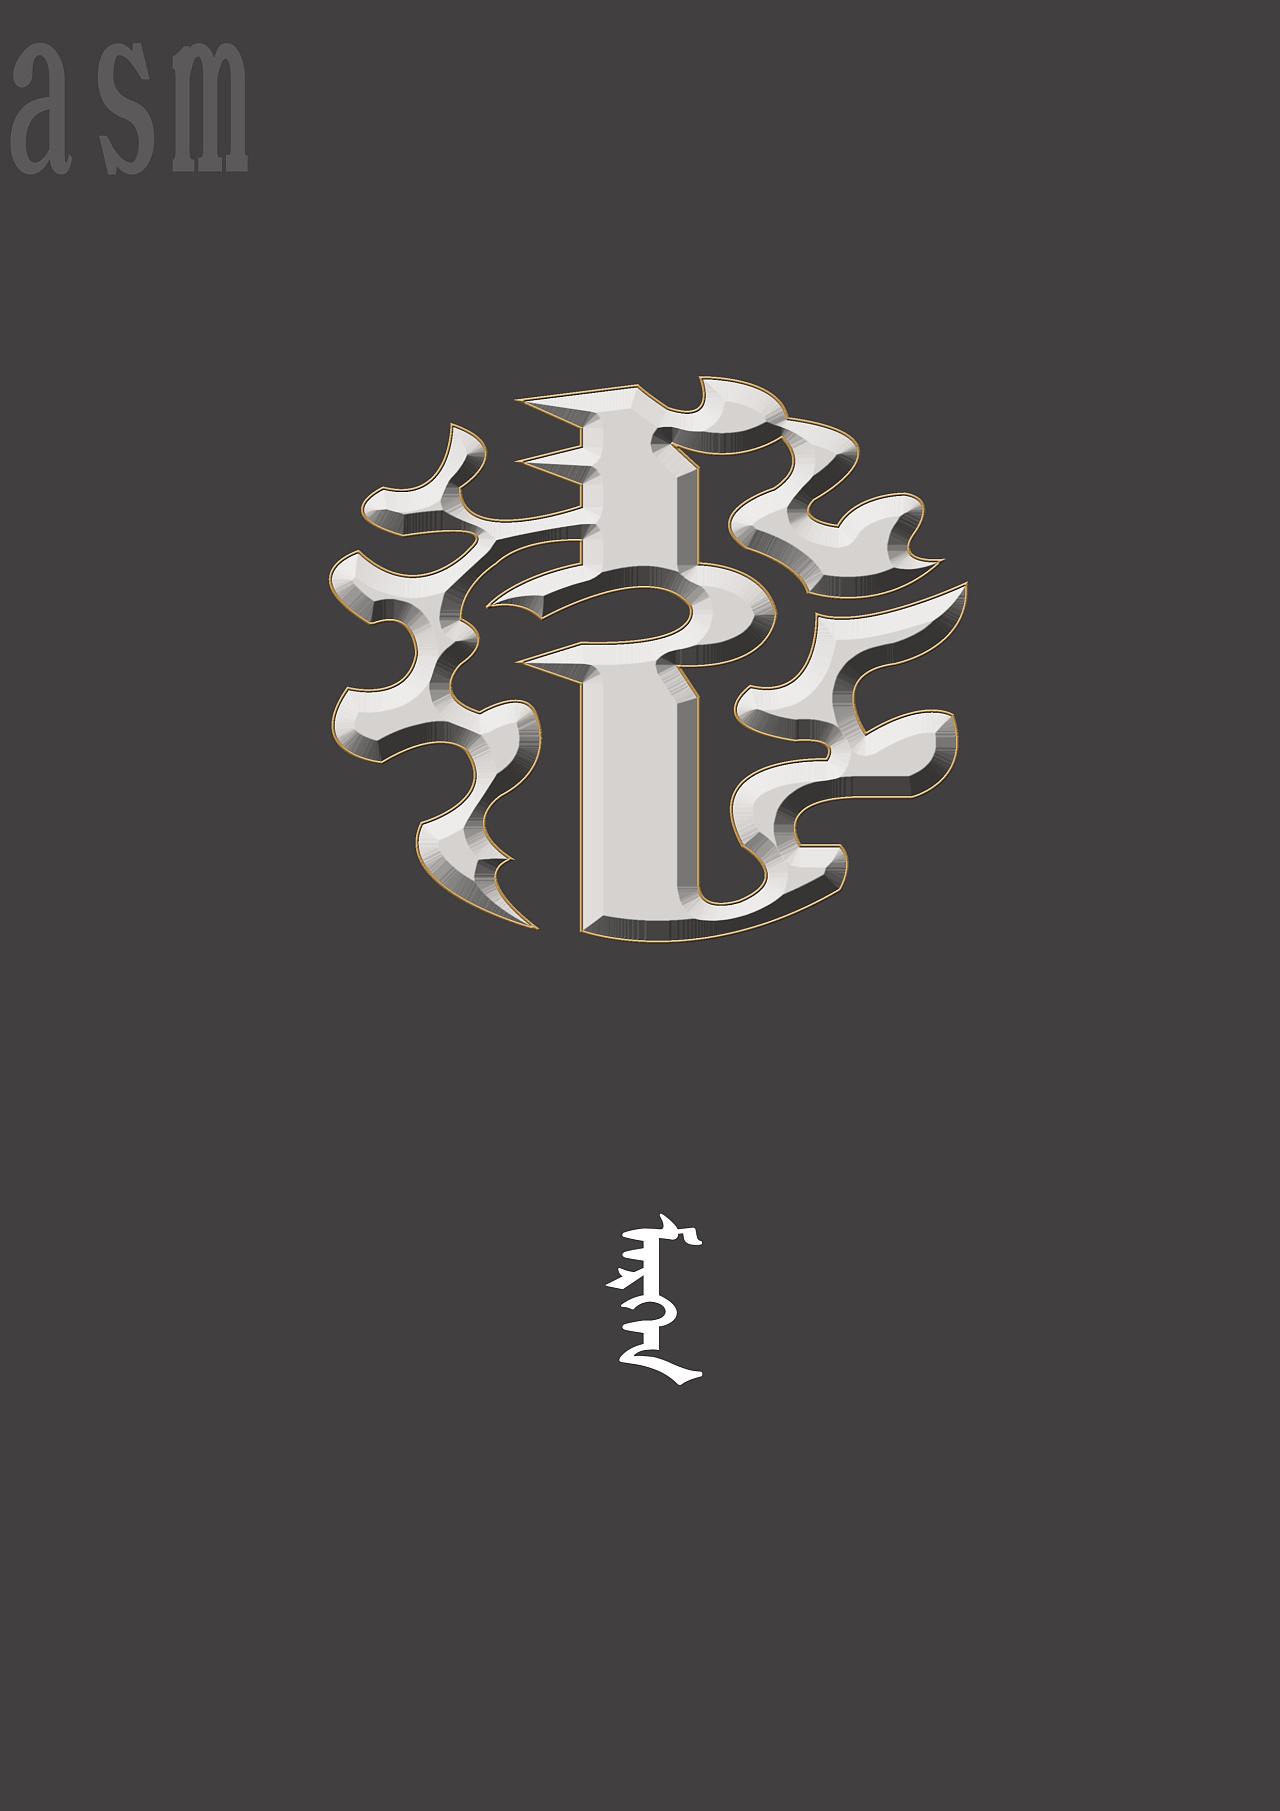 蒙古艺术文字3 -阿斯玛设计 第8张 蒙古艺术文字3 -阿斯玛设计 蒙古设计